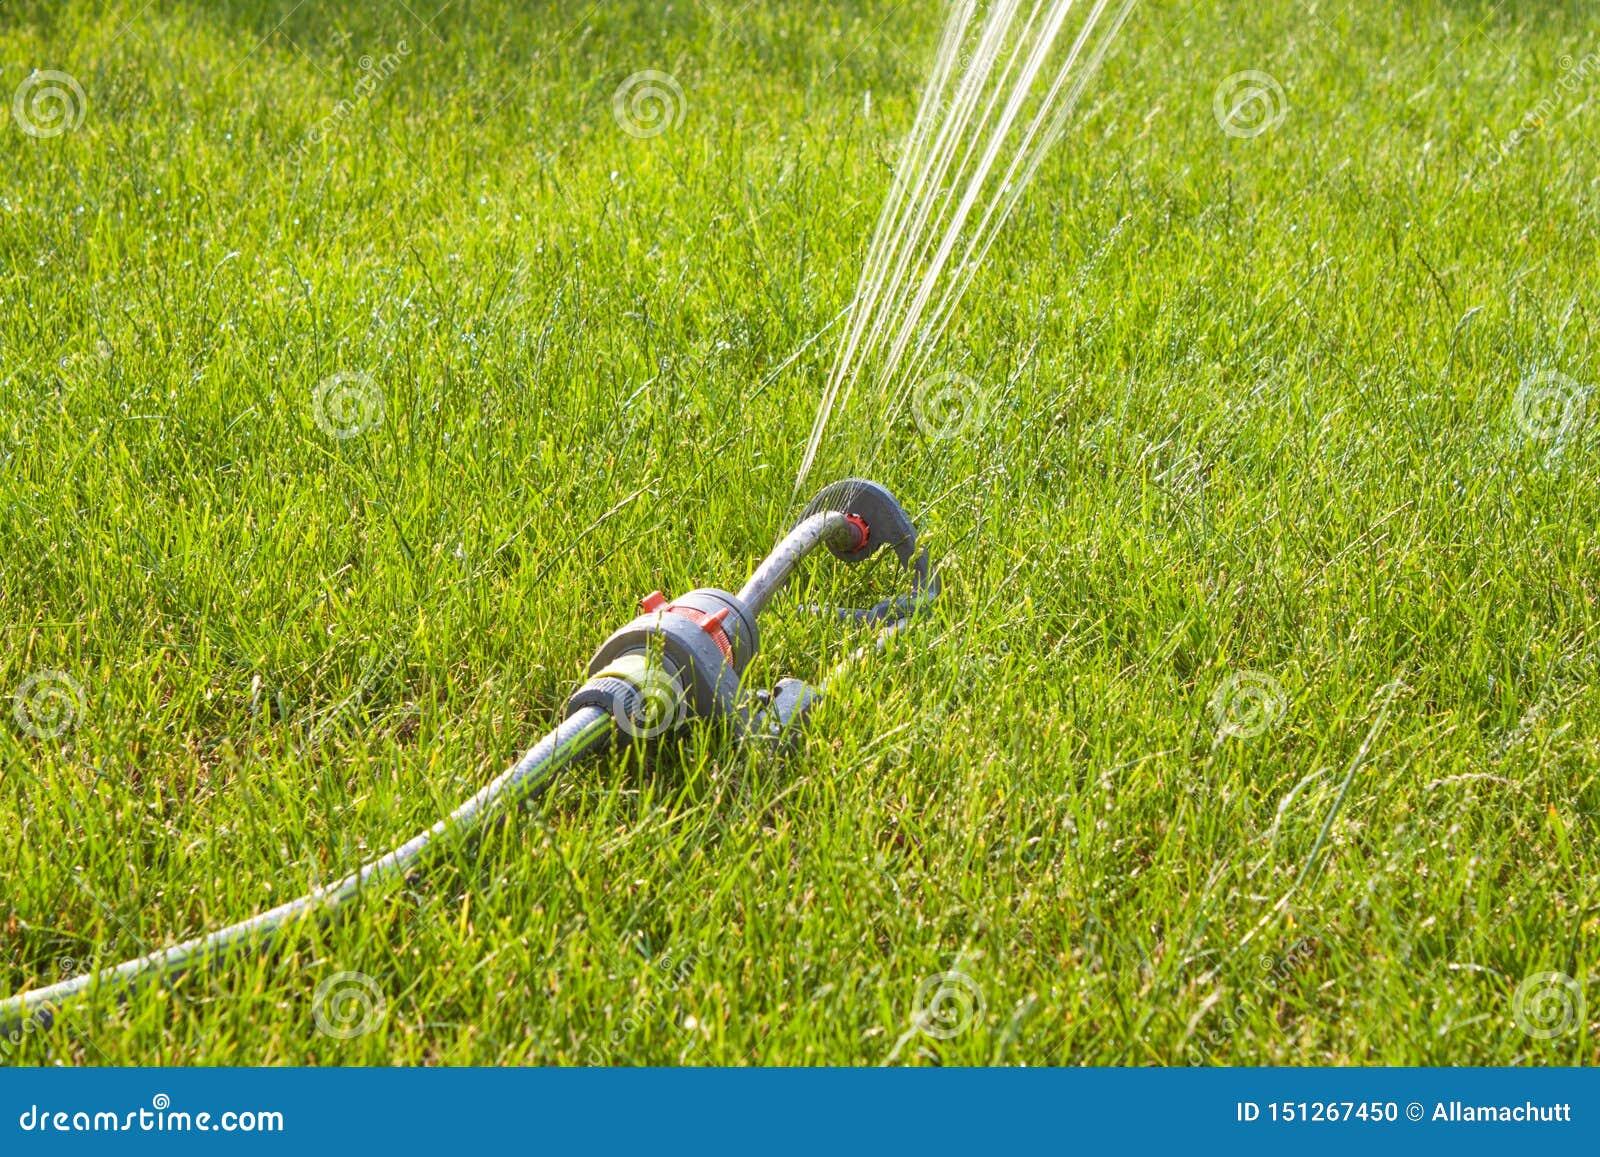 Garden sprinkler on sunny day